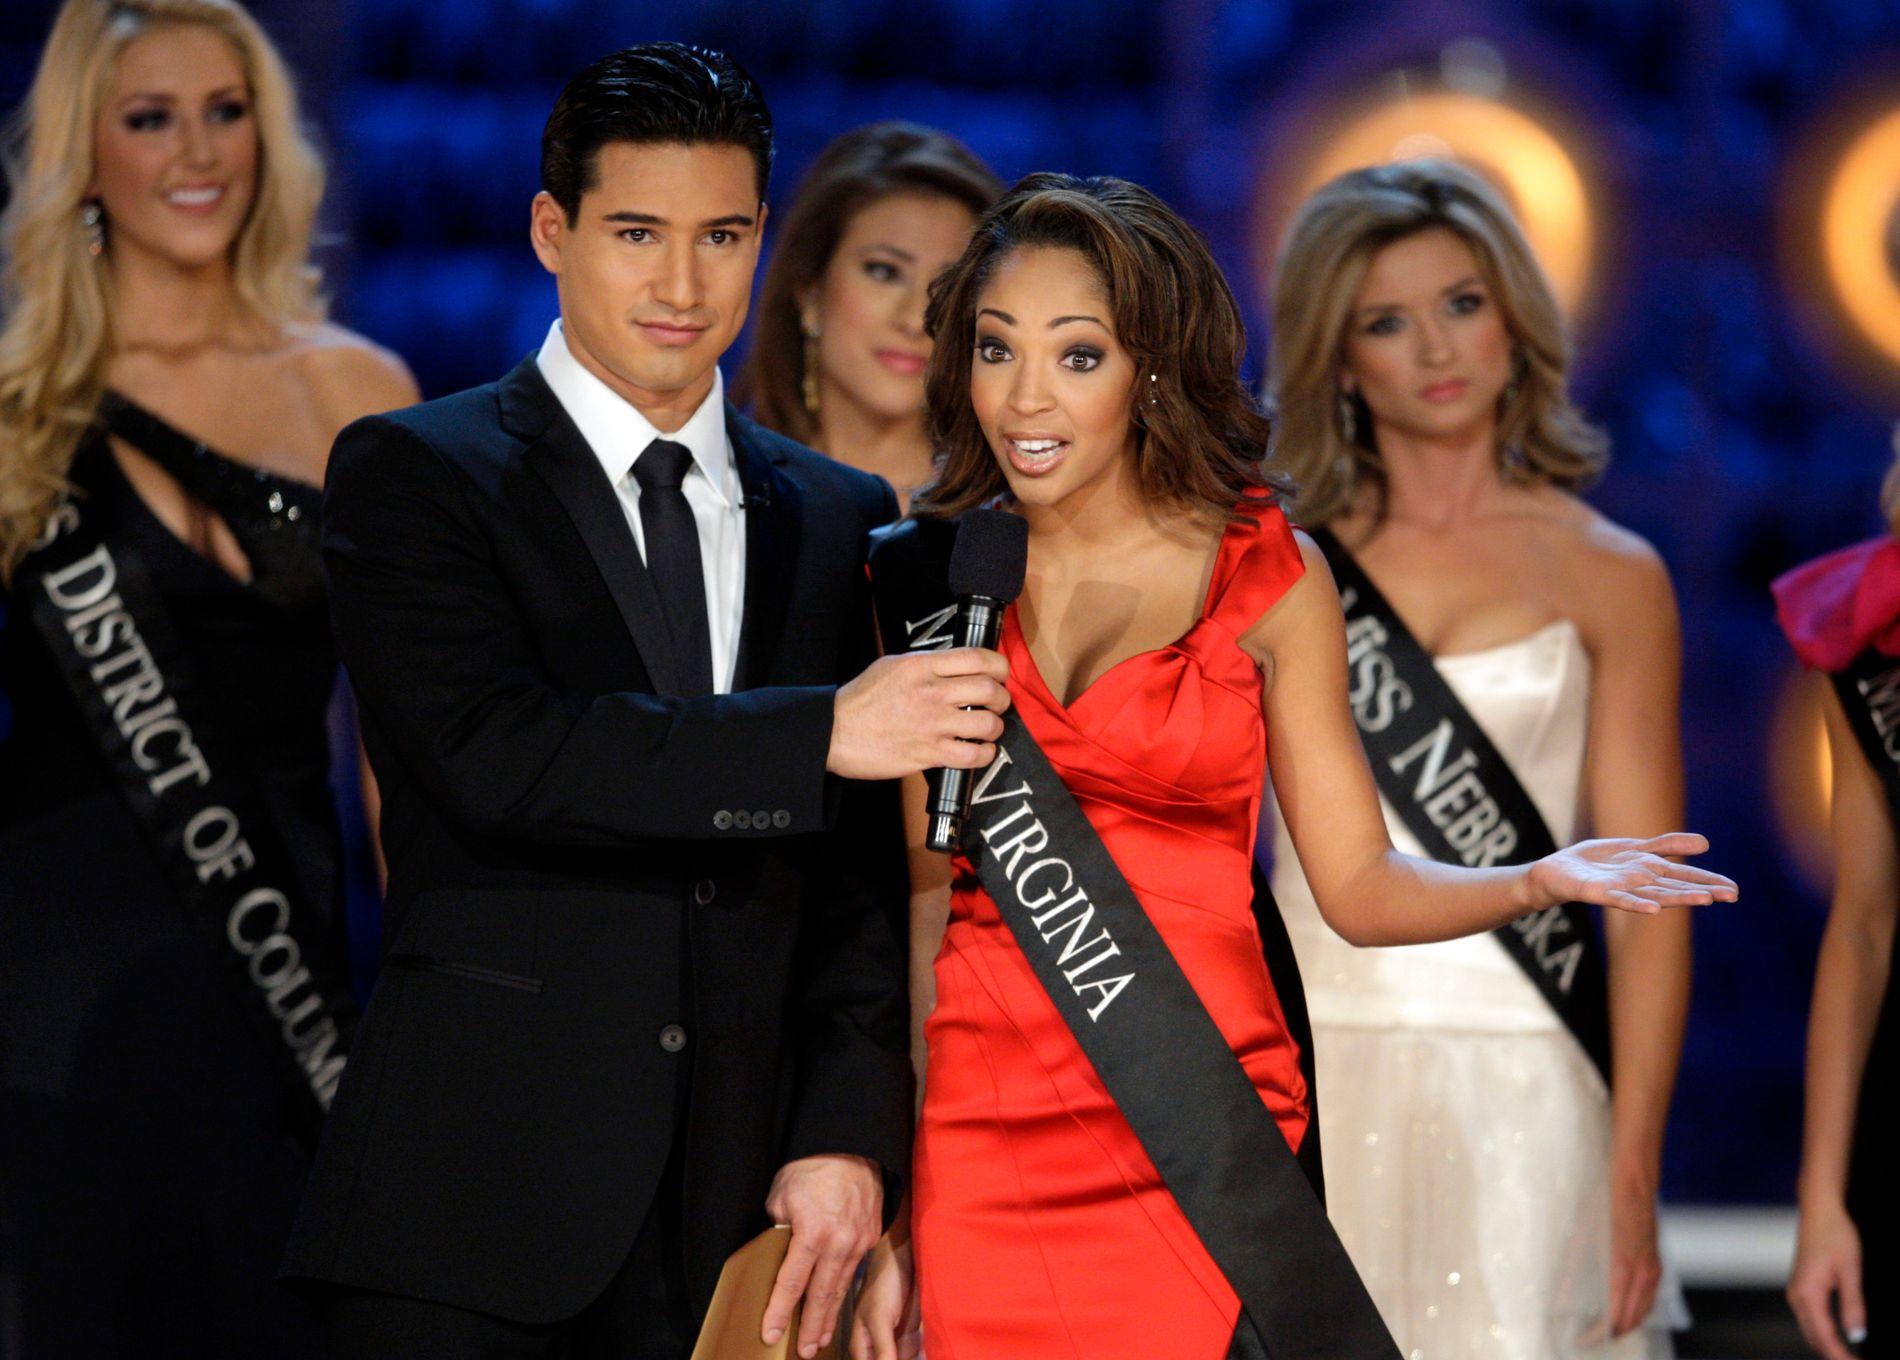 INTERNE: Etter at flere interne eposter mellom sentrale ledere i «Miss America»-konkurransen, har en rekke ledere nå sagt opp stillingene sine. Foto: STEVE MARCUS, REUTERS